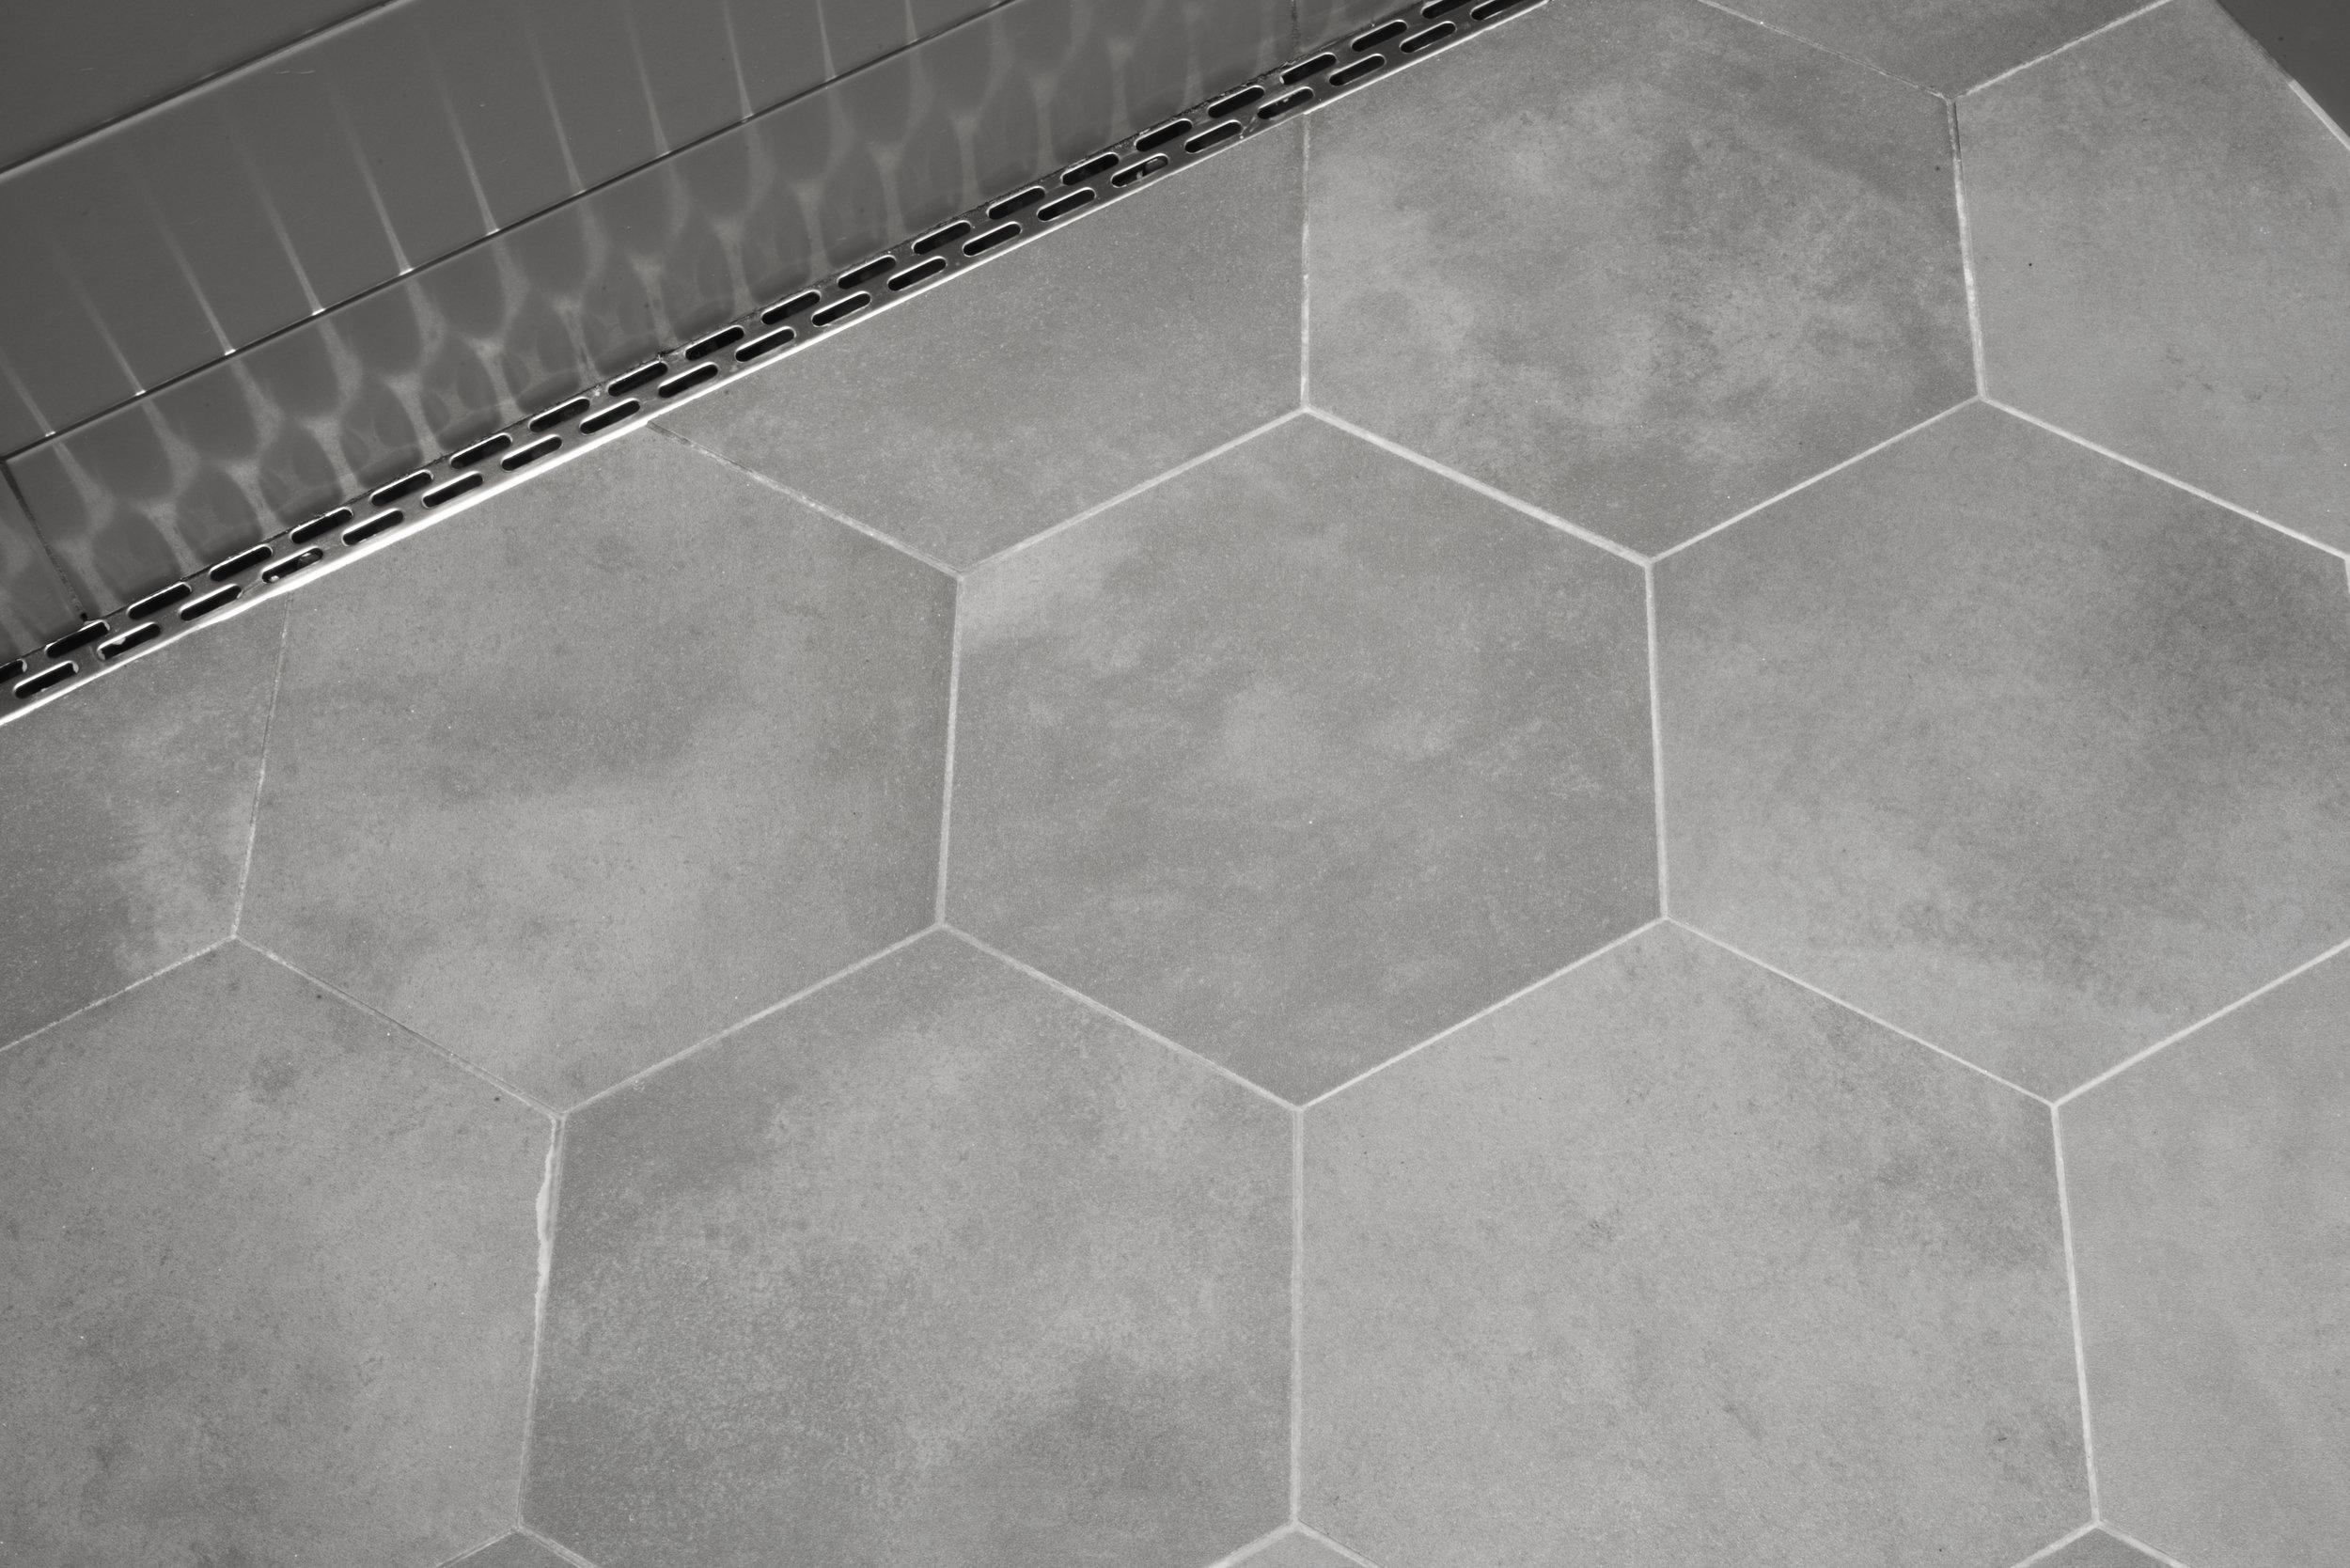 Tribeca Renovation by Bolster - bathroom tile details.jpg